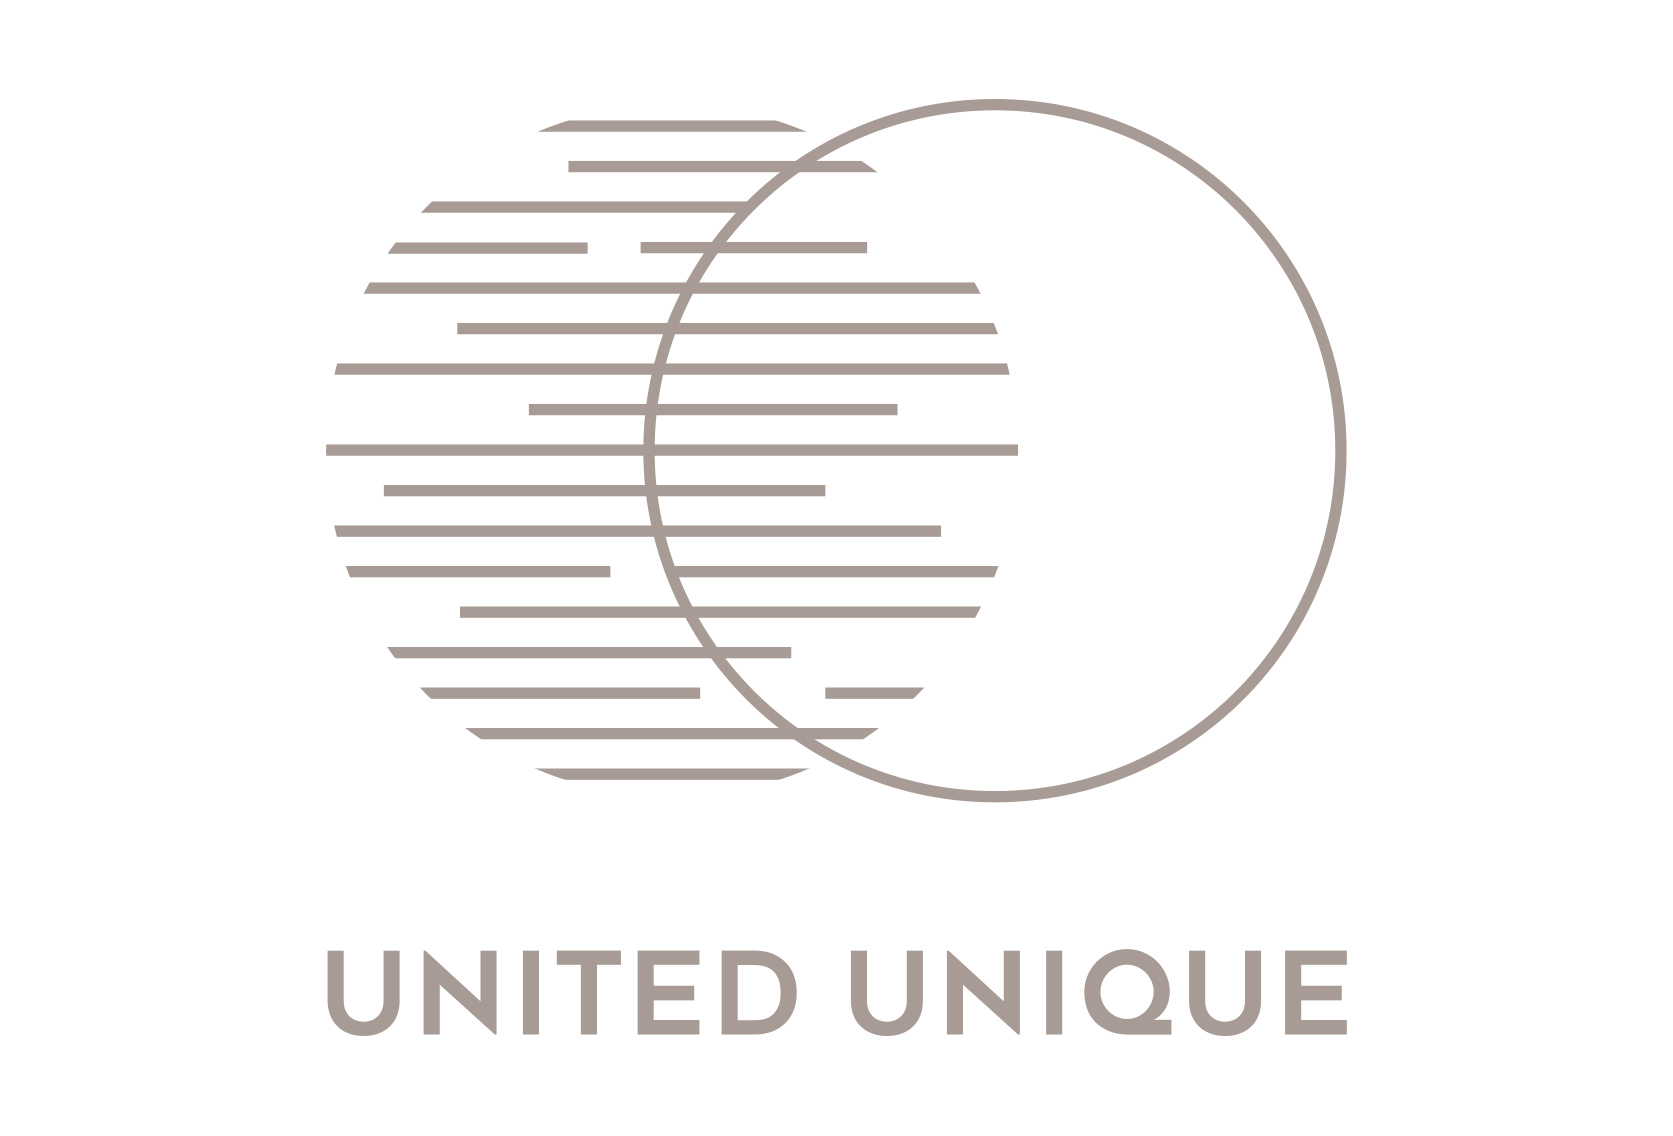 UnitedUnique_Logo